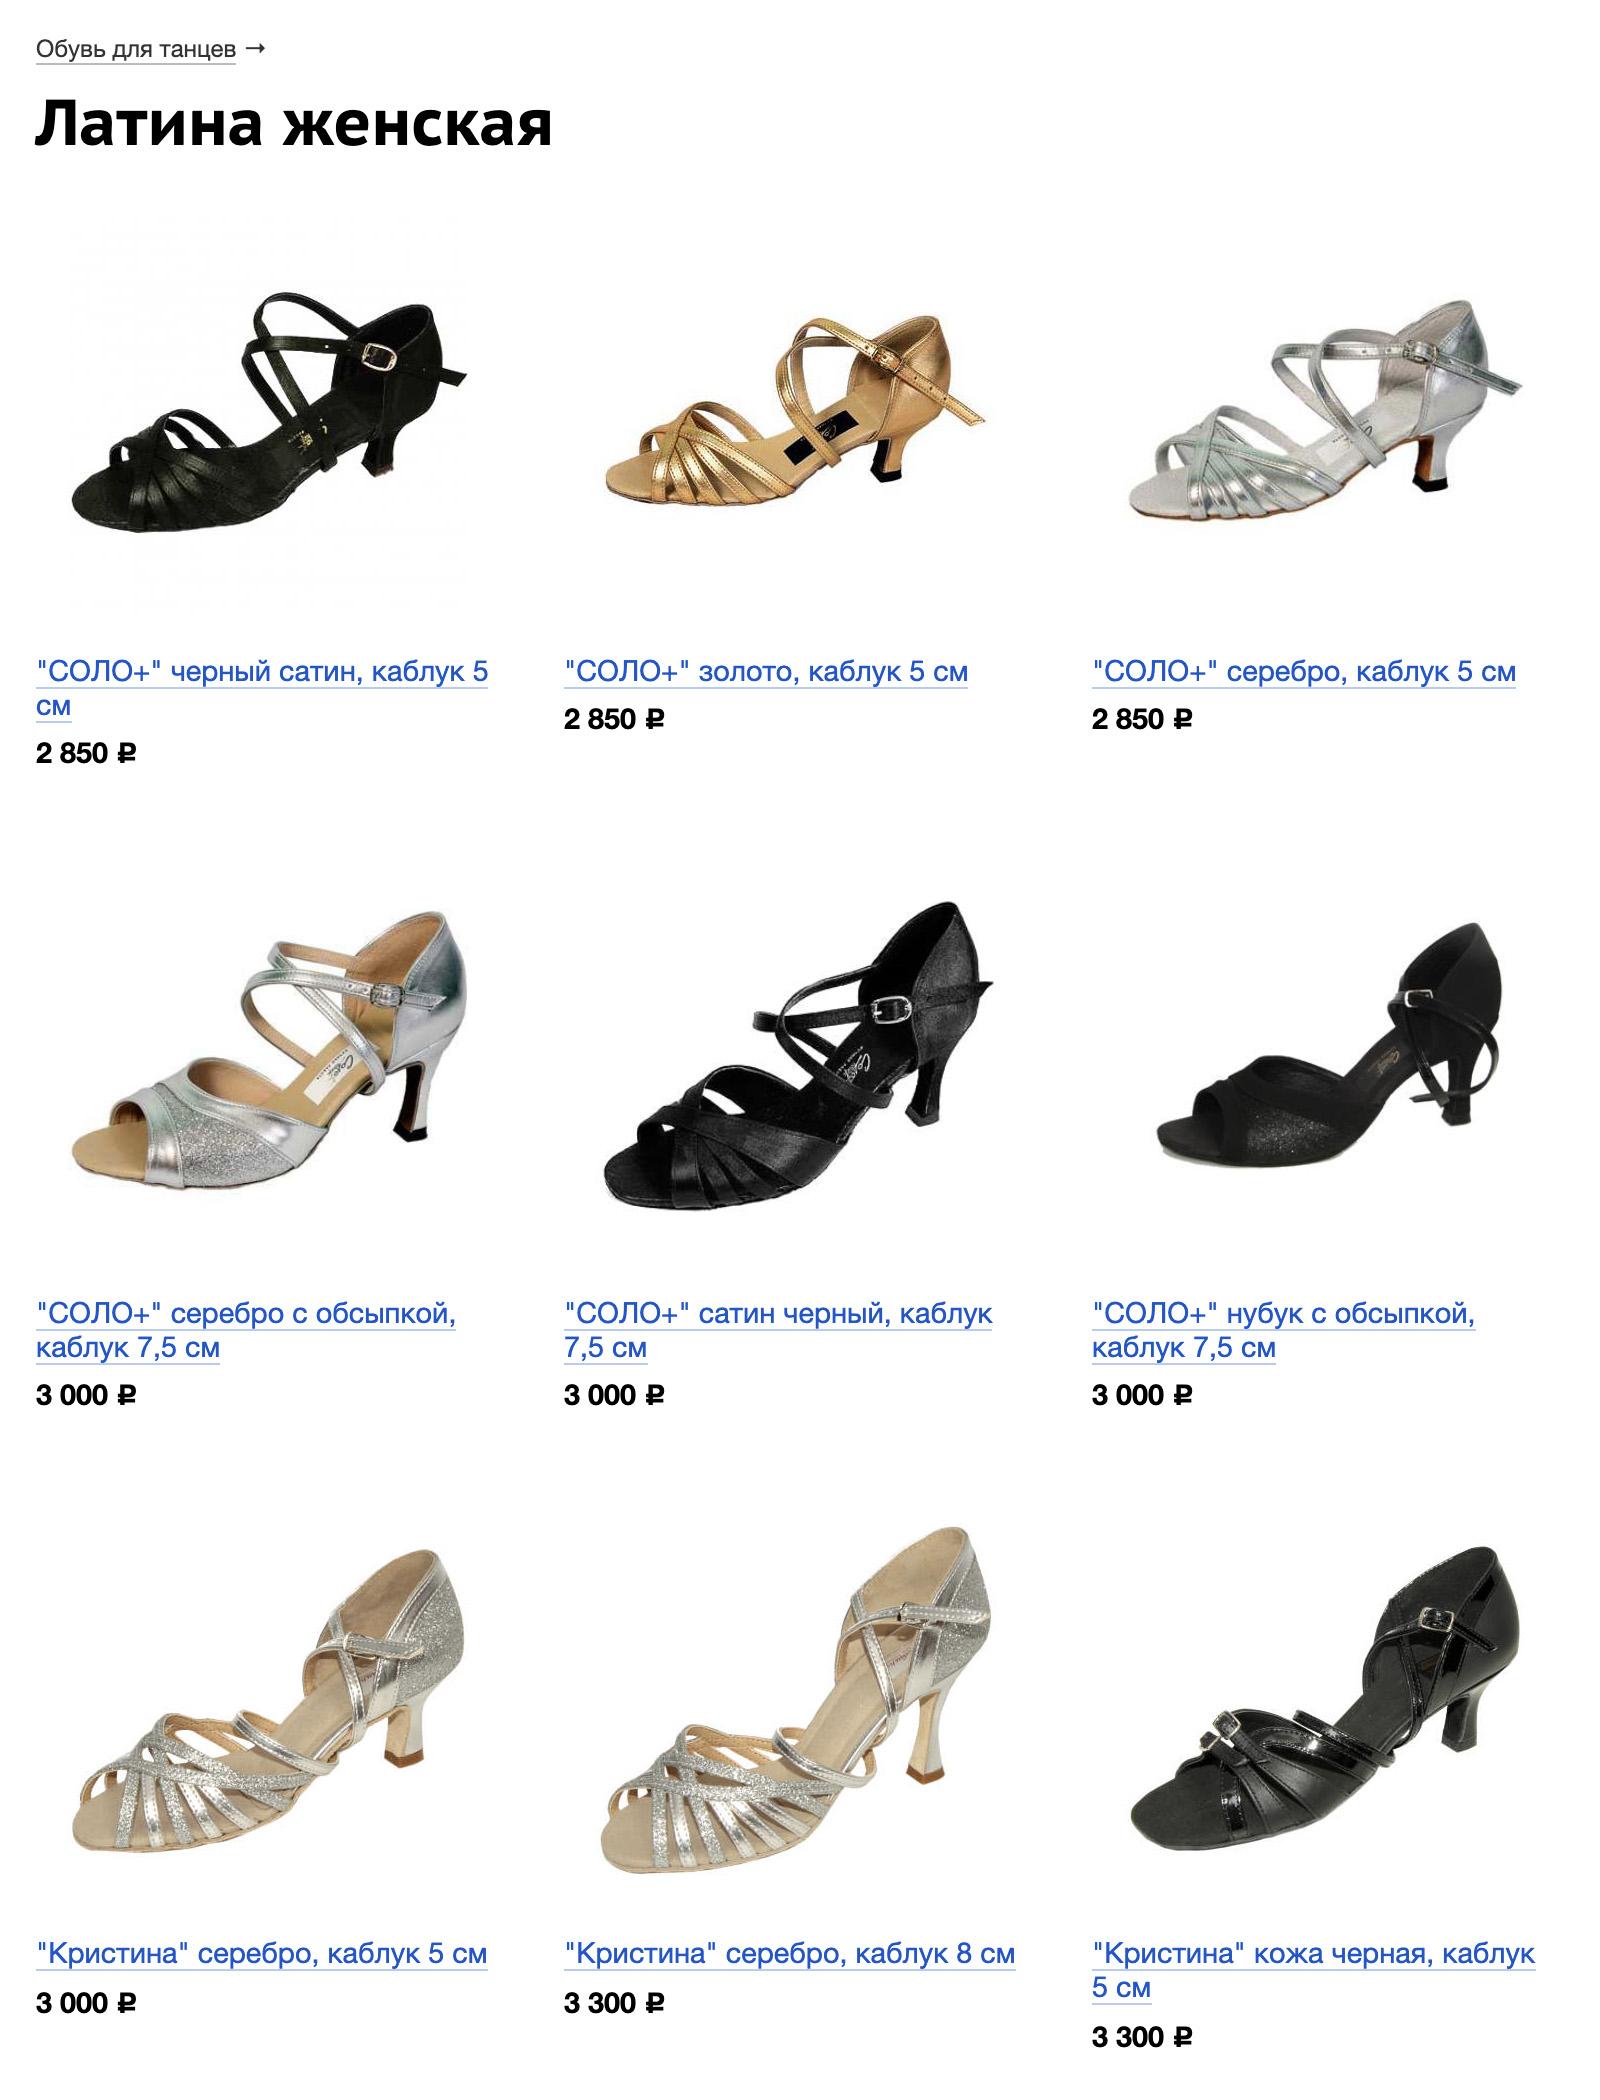 Женская латина. Очень много самых разных форм, цветов, различается и высота каблука